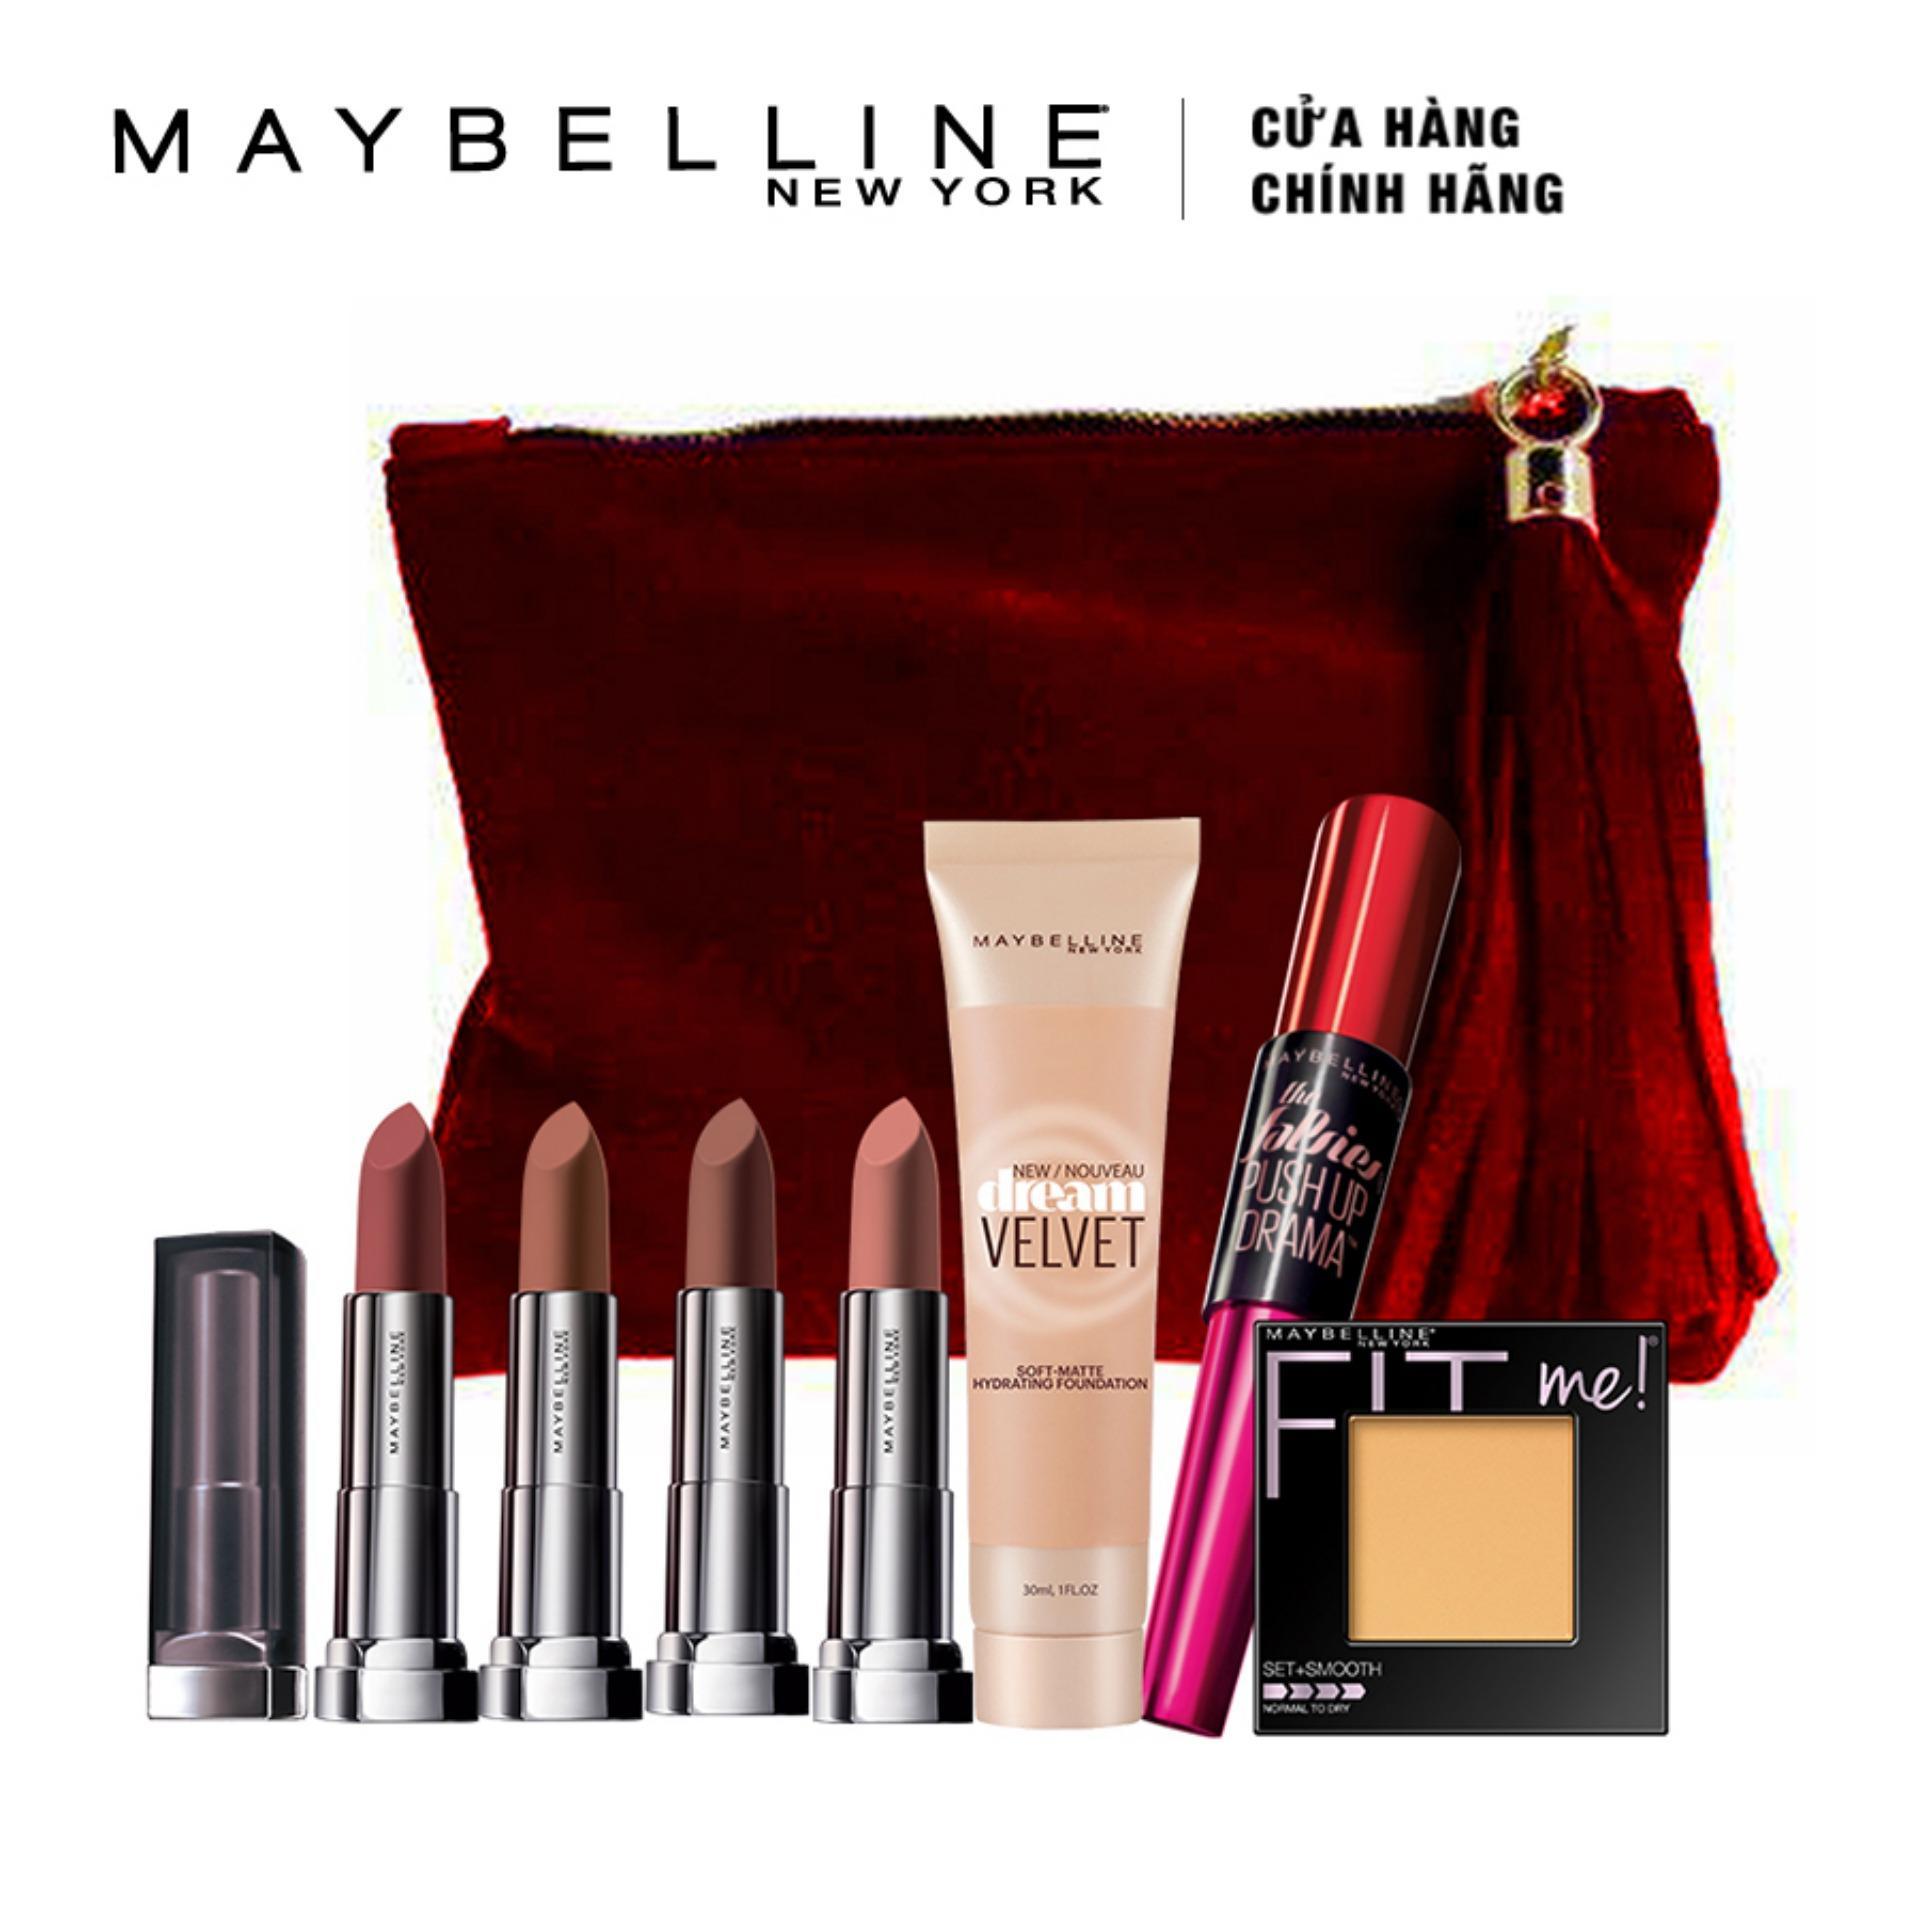 Hình ảnh Bộ quà tặng mùa lễ hội: Top các sản phẩm Maybelline New York sản xuất và bán chạy tại Mỹ (Tông nude gợi cảm)